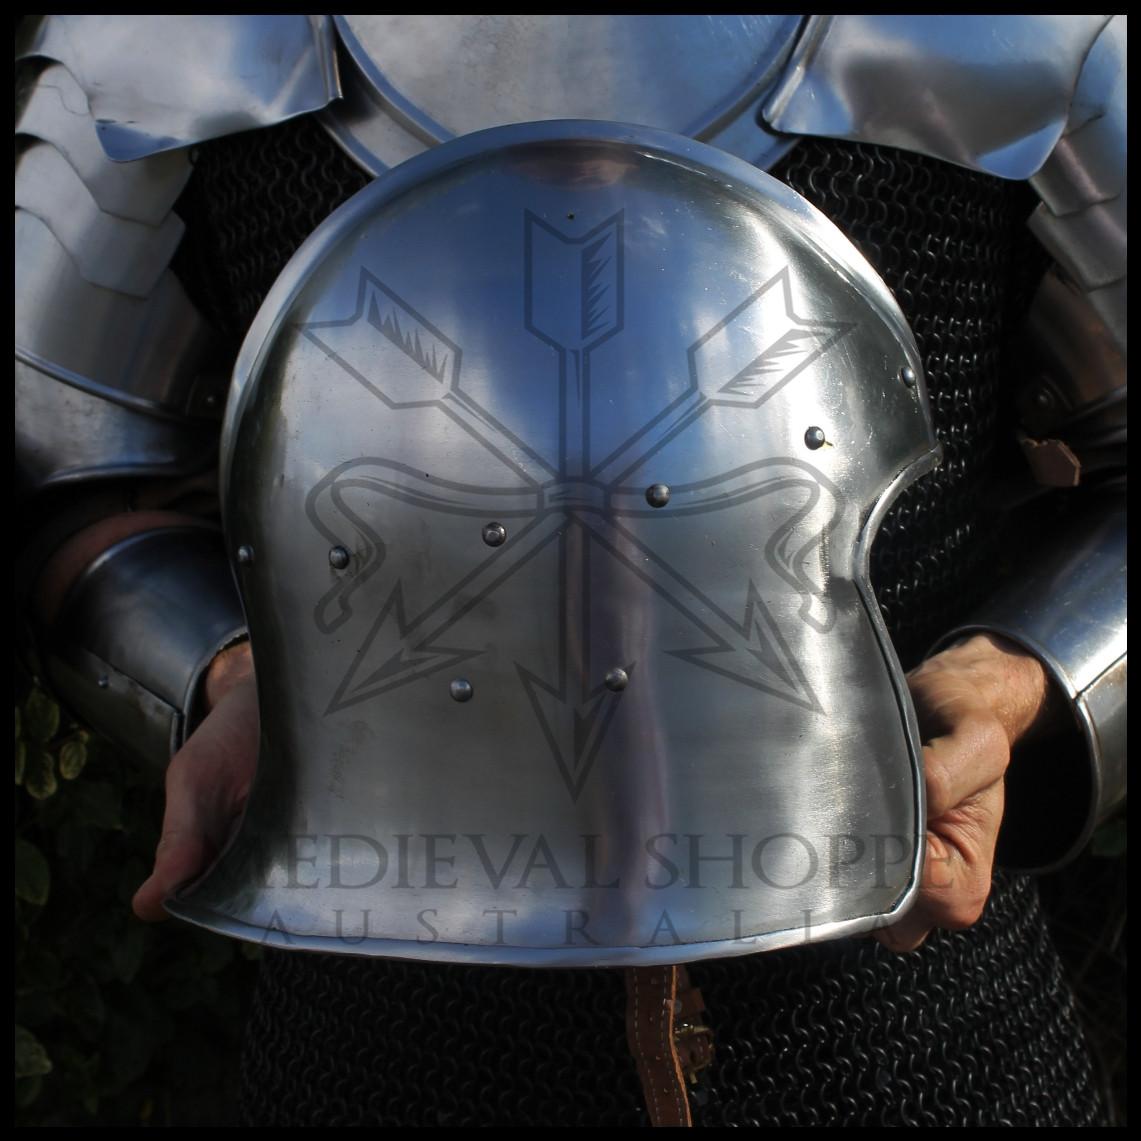 Celeta Helmet (16 Gauge)